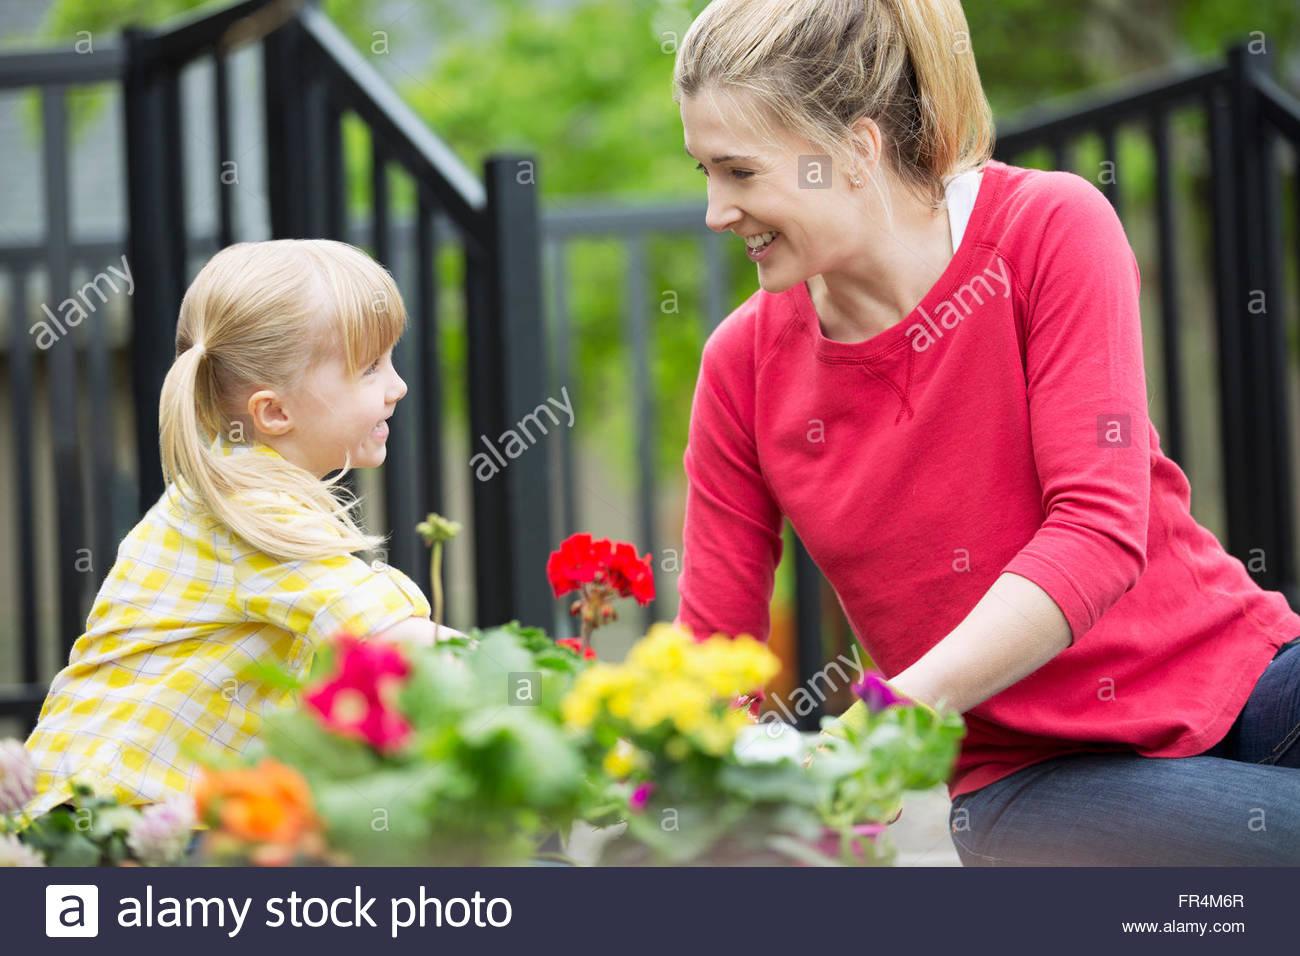 Mère et fille de 5 ans lit fleur plantation Photo Stock